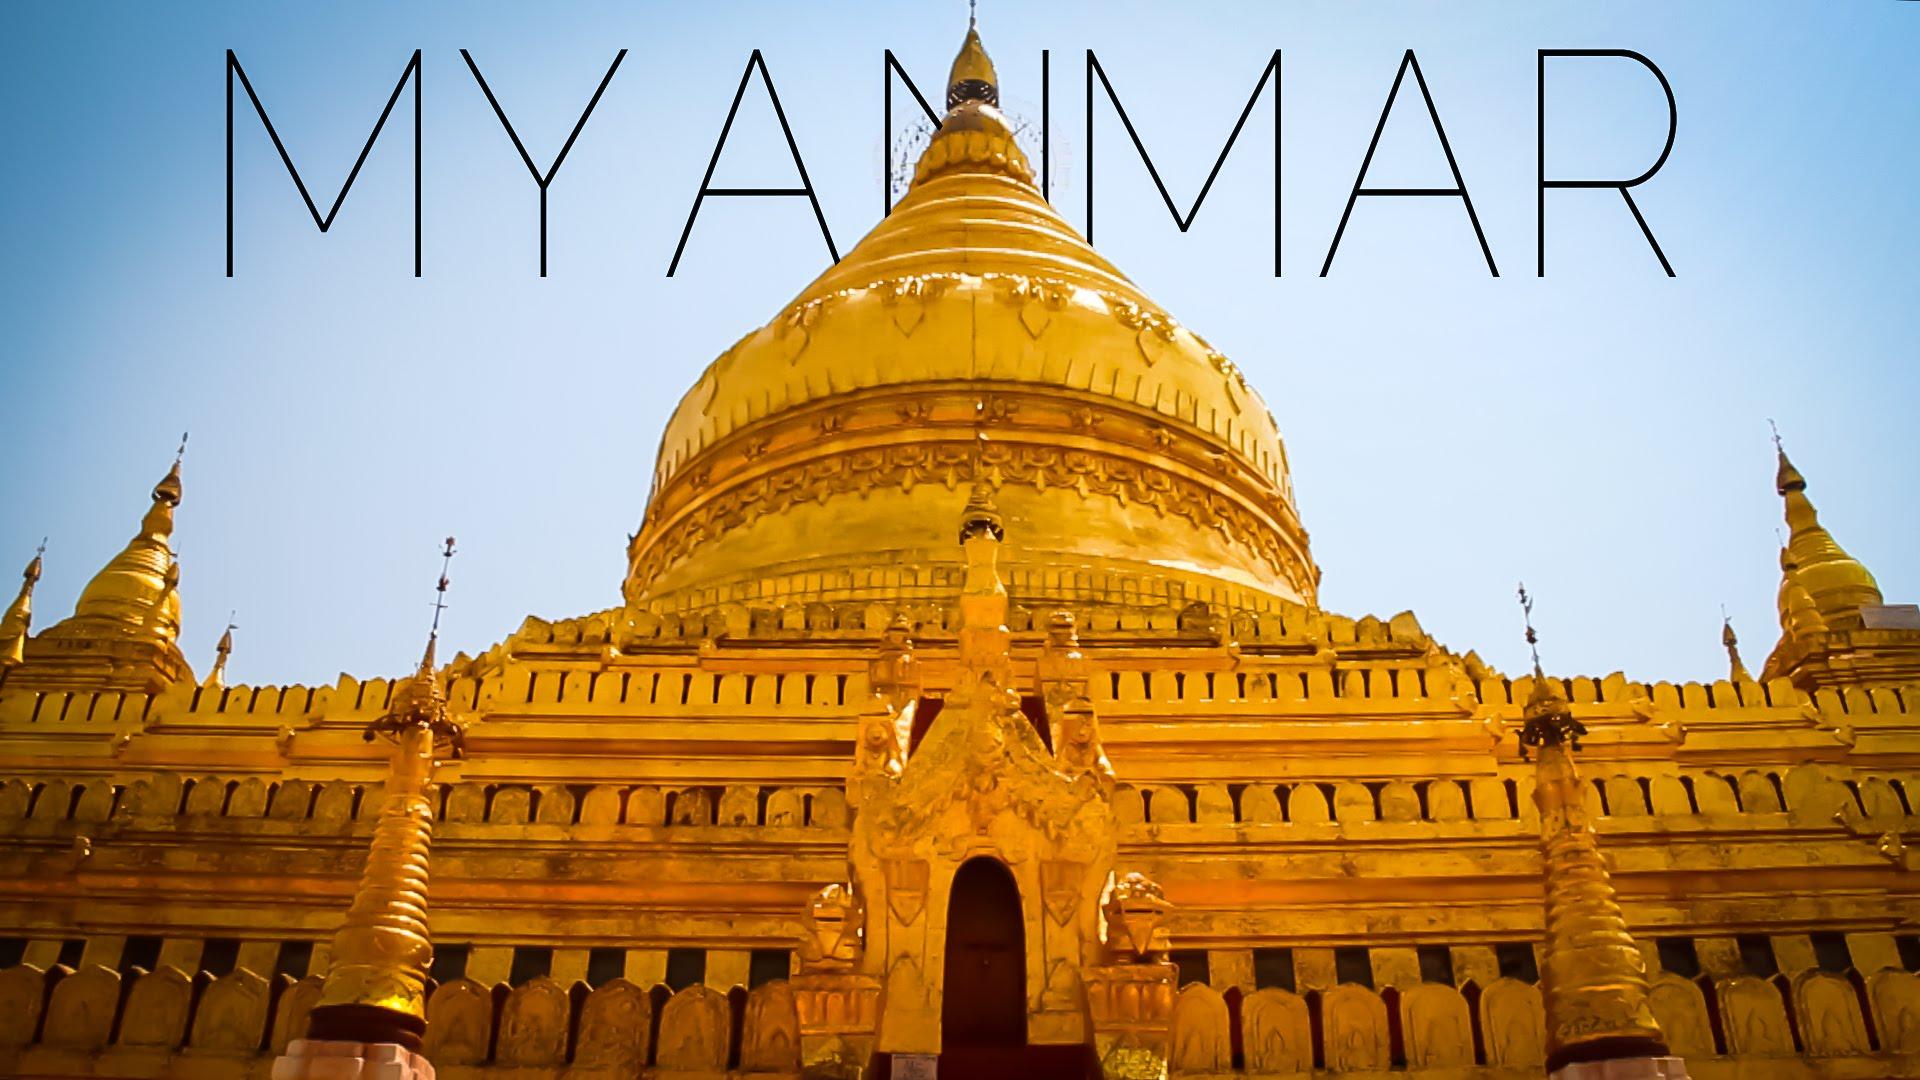 숨겨진 보물 같은 땅을 찾아서, 미얀마-FltGraph 항공권 추천 75